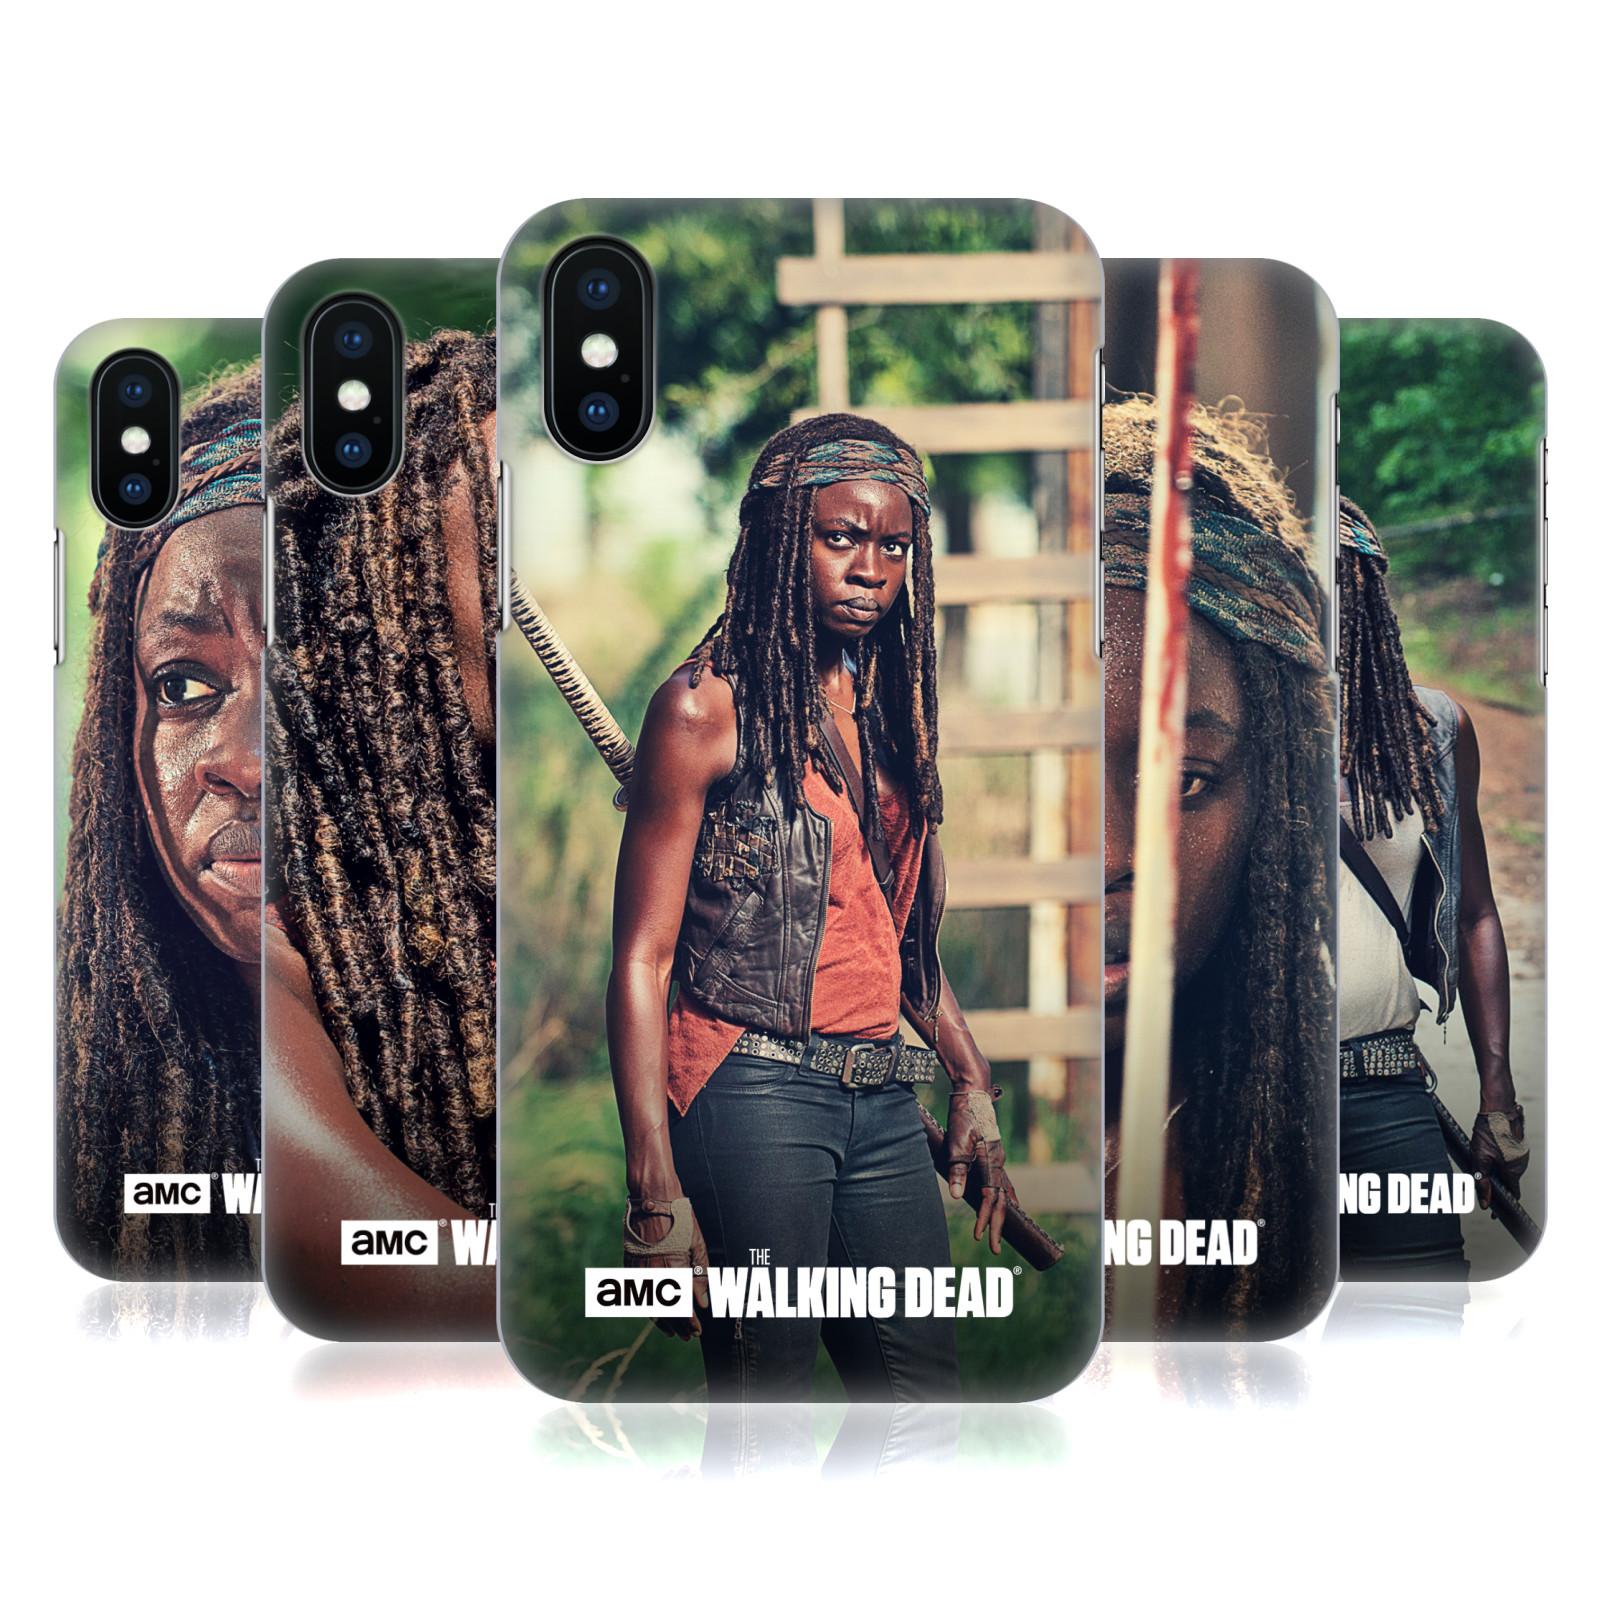 AMC The Walking Dead Michonne